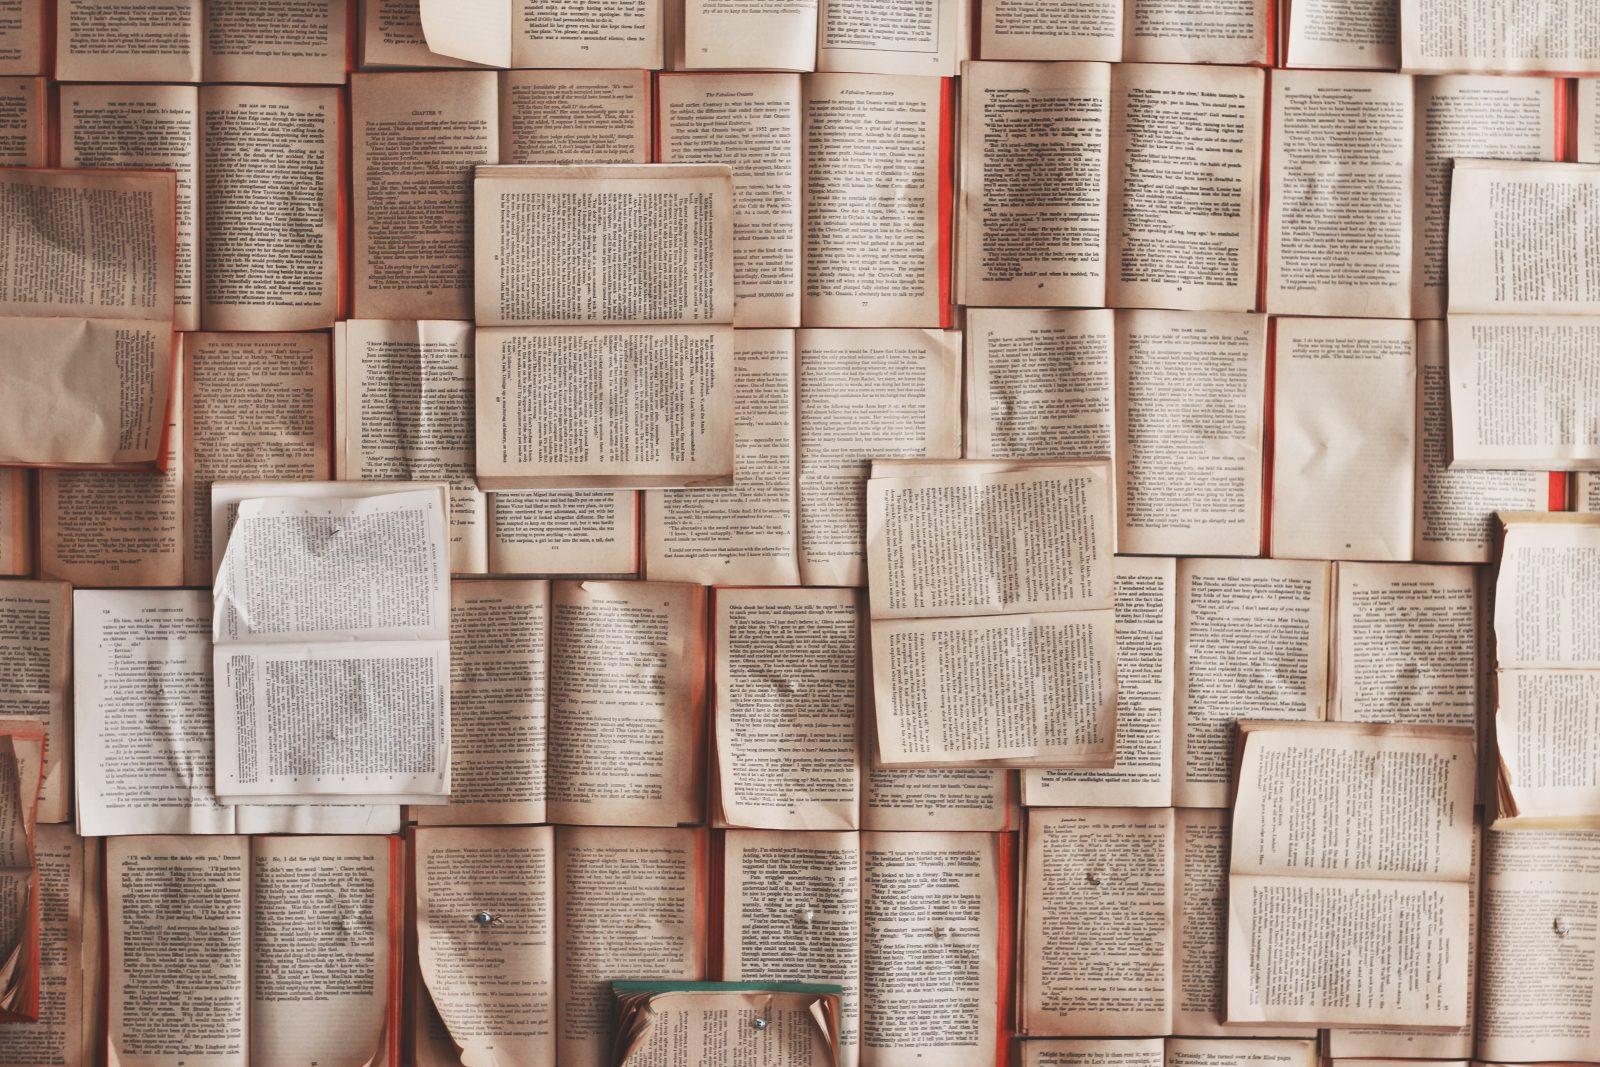 Vijf nominaties voor de Man Booker Prize 2017